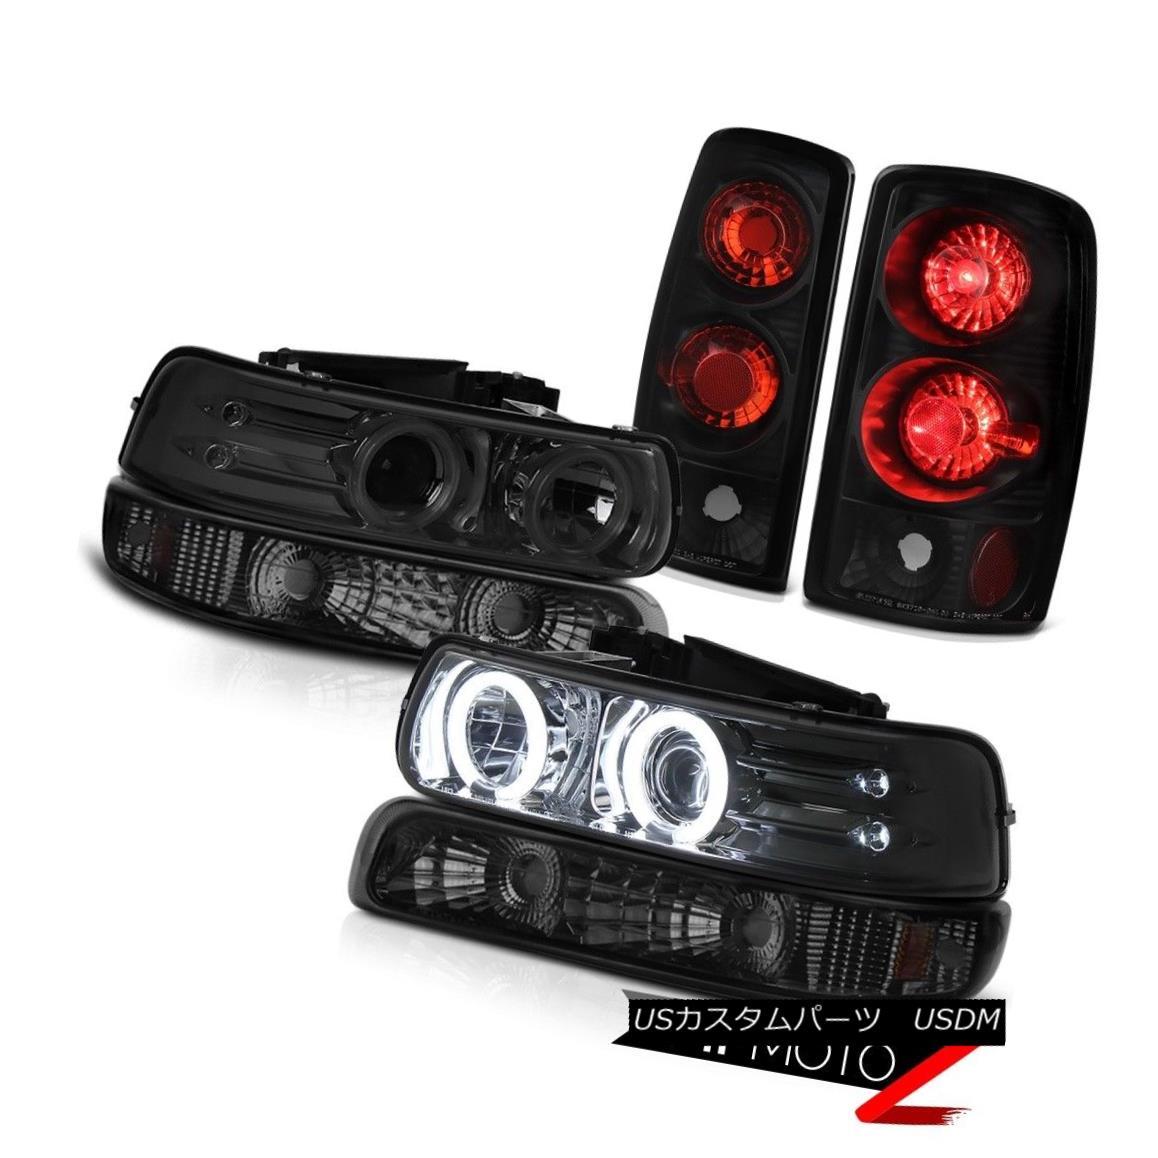 ヘッドライト CCFL Tech Projector Headlights Turn Signal Rear Brake Light 04 05 06 Suburban LS CCFLテックプロジェクターヘッドライトターンシグナルリアブレーキライト04 05 06郊外LS